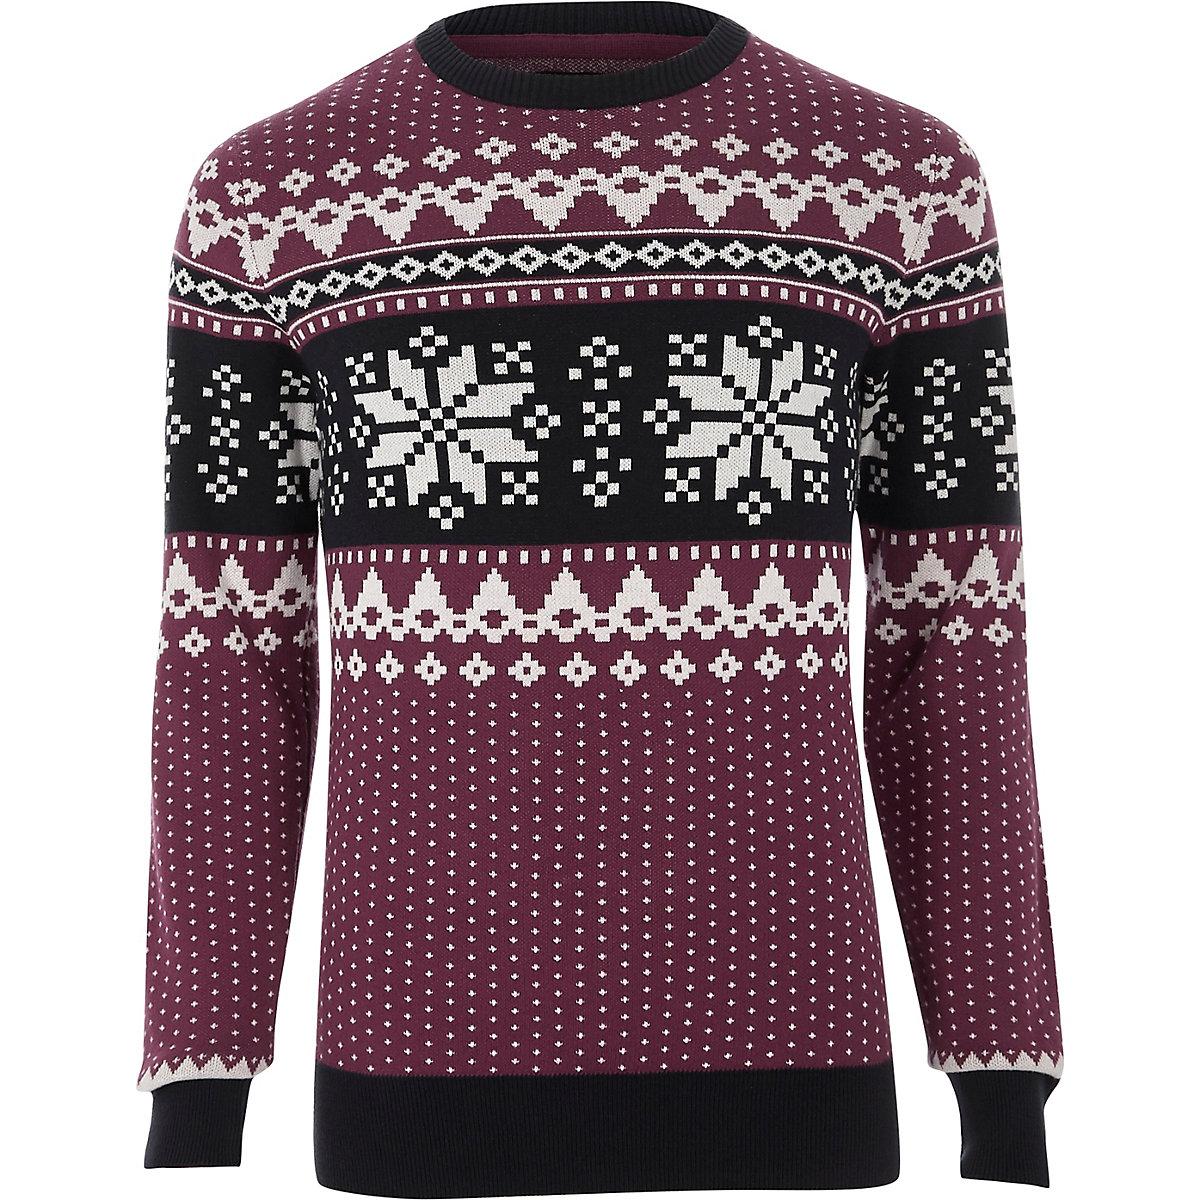 Jack & Jones red Fairisle Christmas sweater